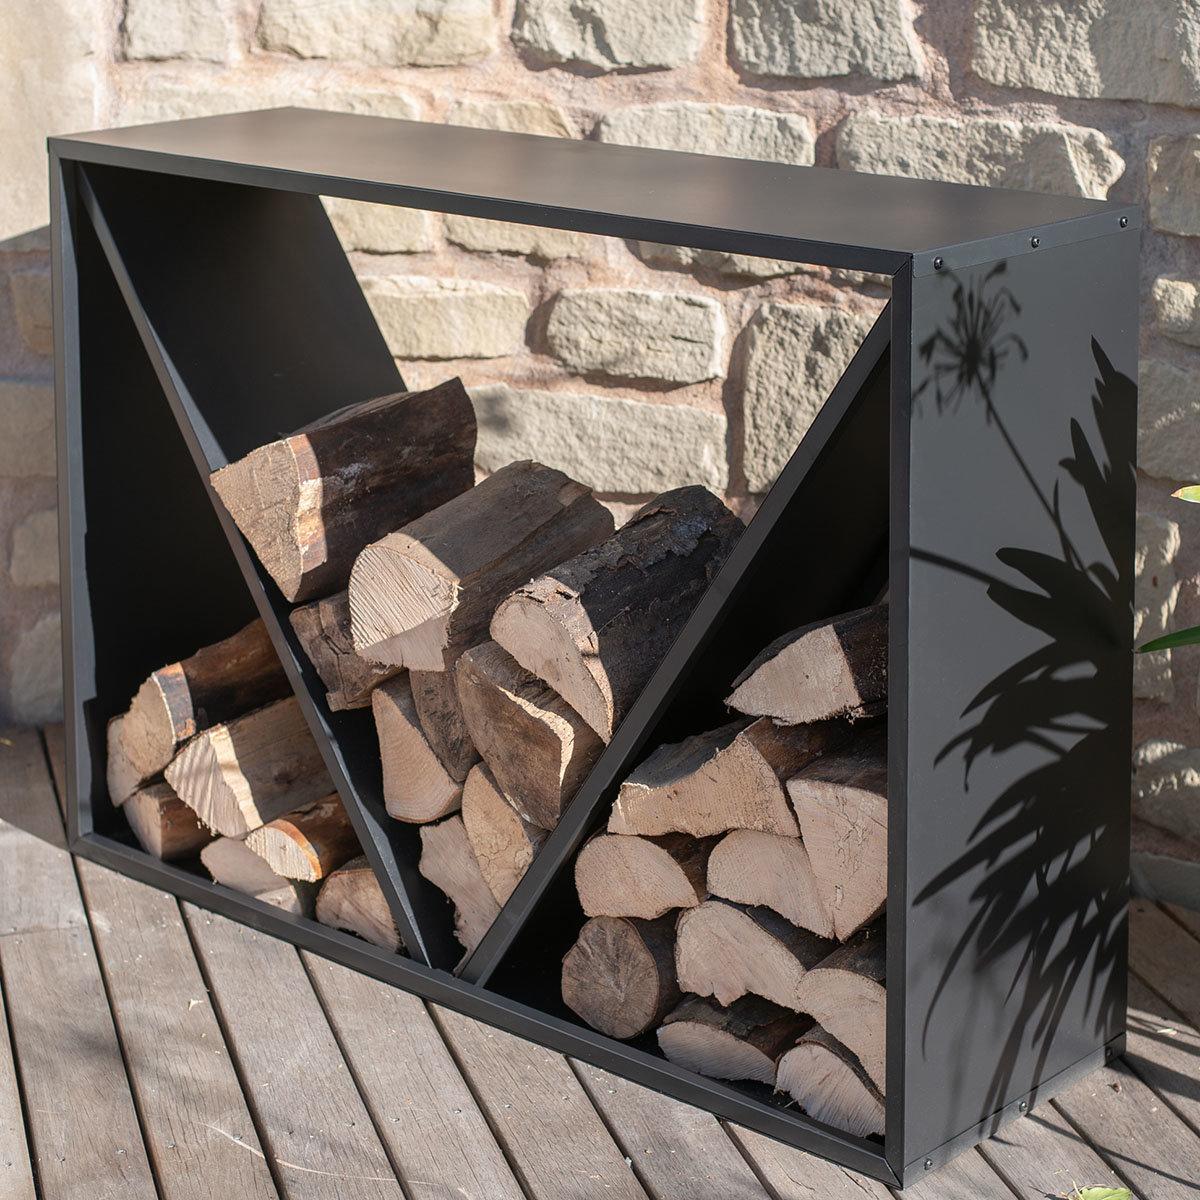 Kaminholzregal 114,5x35x80 cm, schwarz